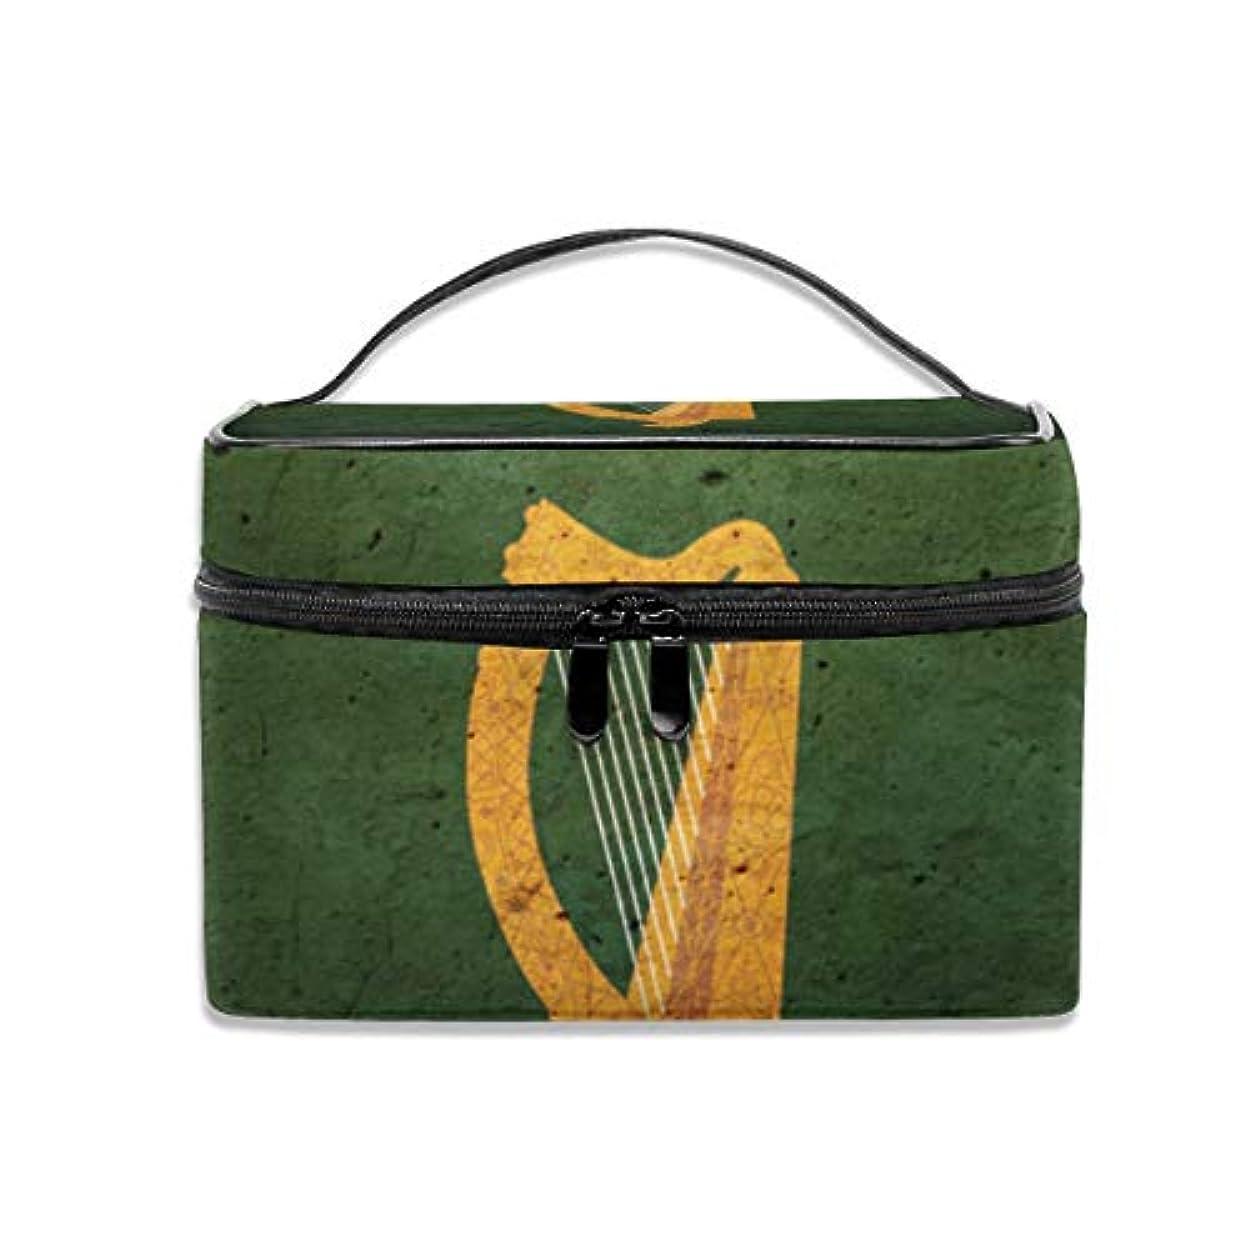 フィードバック民間報復する化粧ポーチアイルランド ハープ メイクポーチ コスメバッグ 収納 雑貨大容量 小物入れ 旅行用